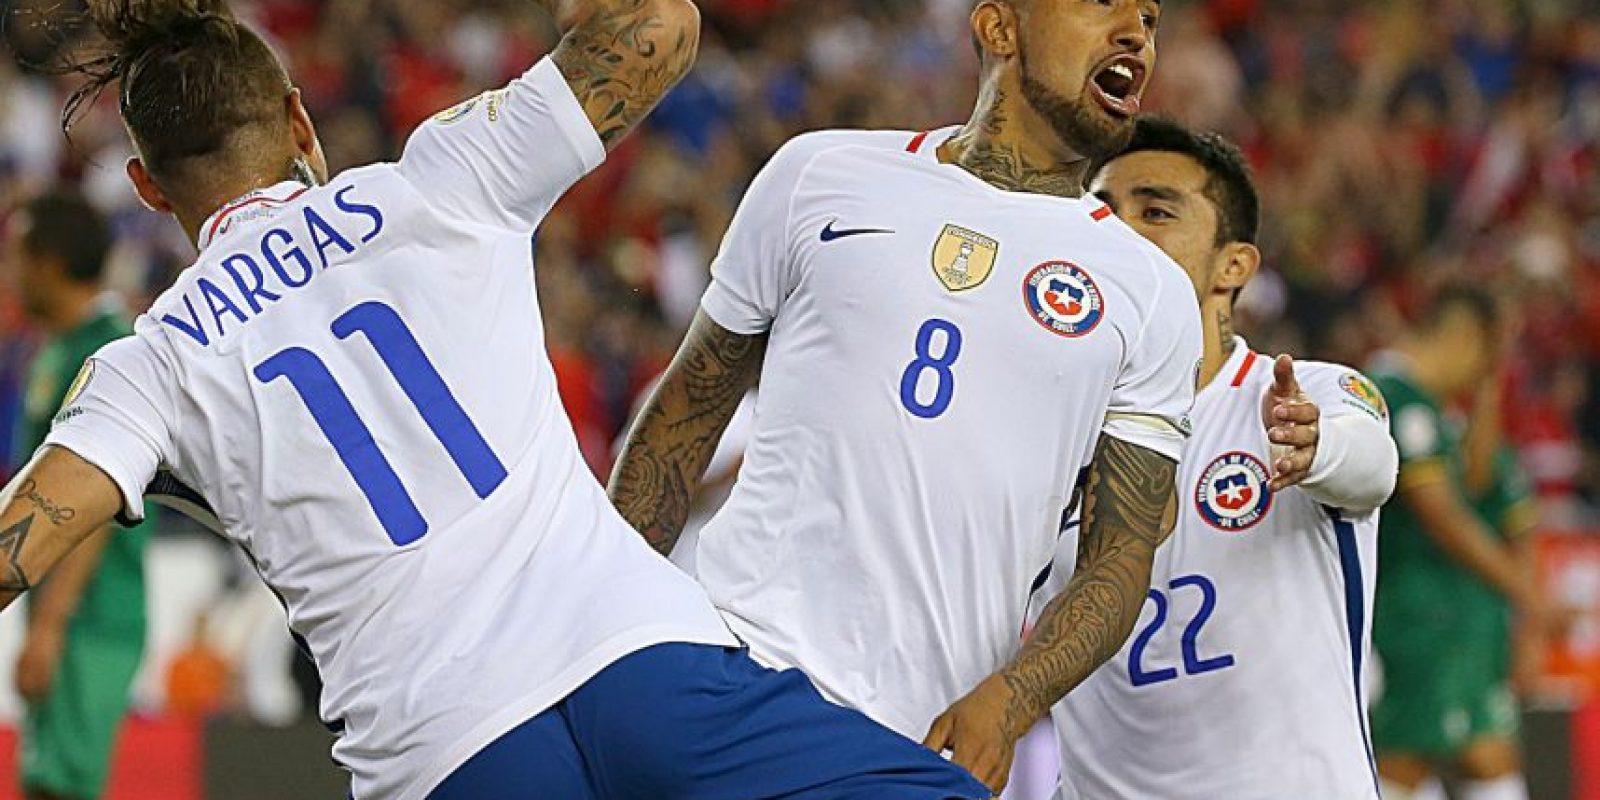 Ahora, la escuadra mexicana enfrentará a Chile en los cuartos de final y espera mantener su buena racha Foto:Getty Images